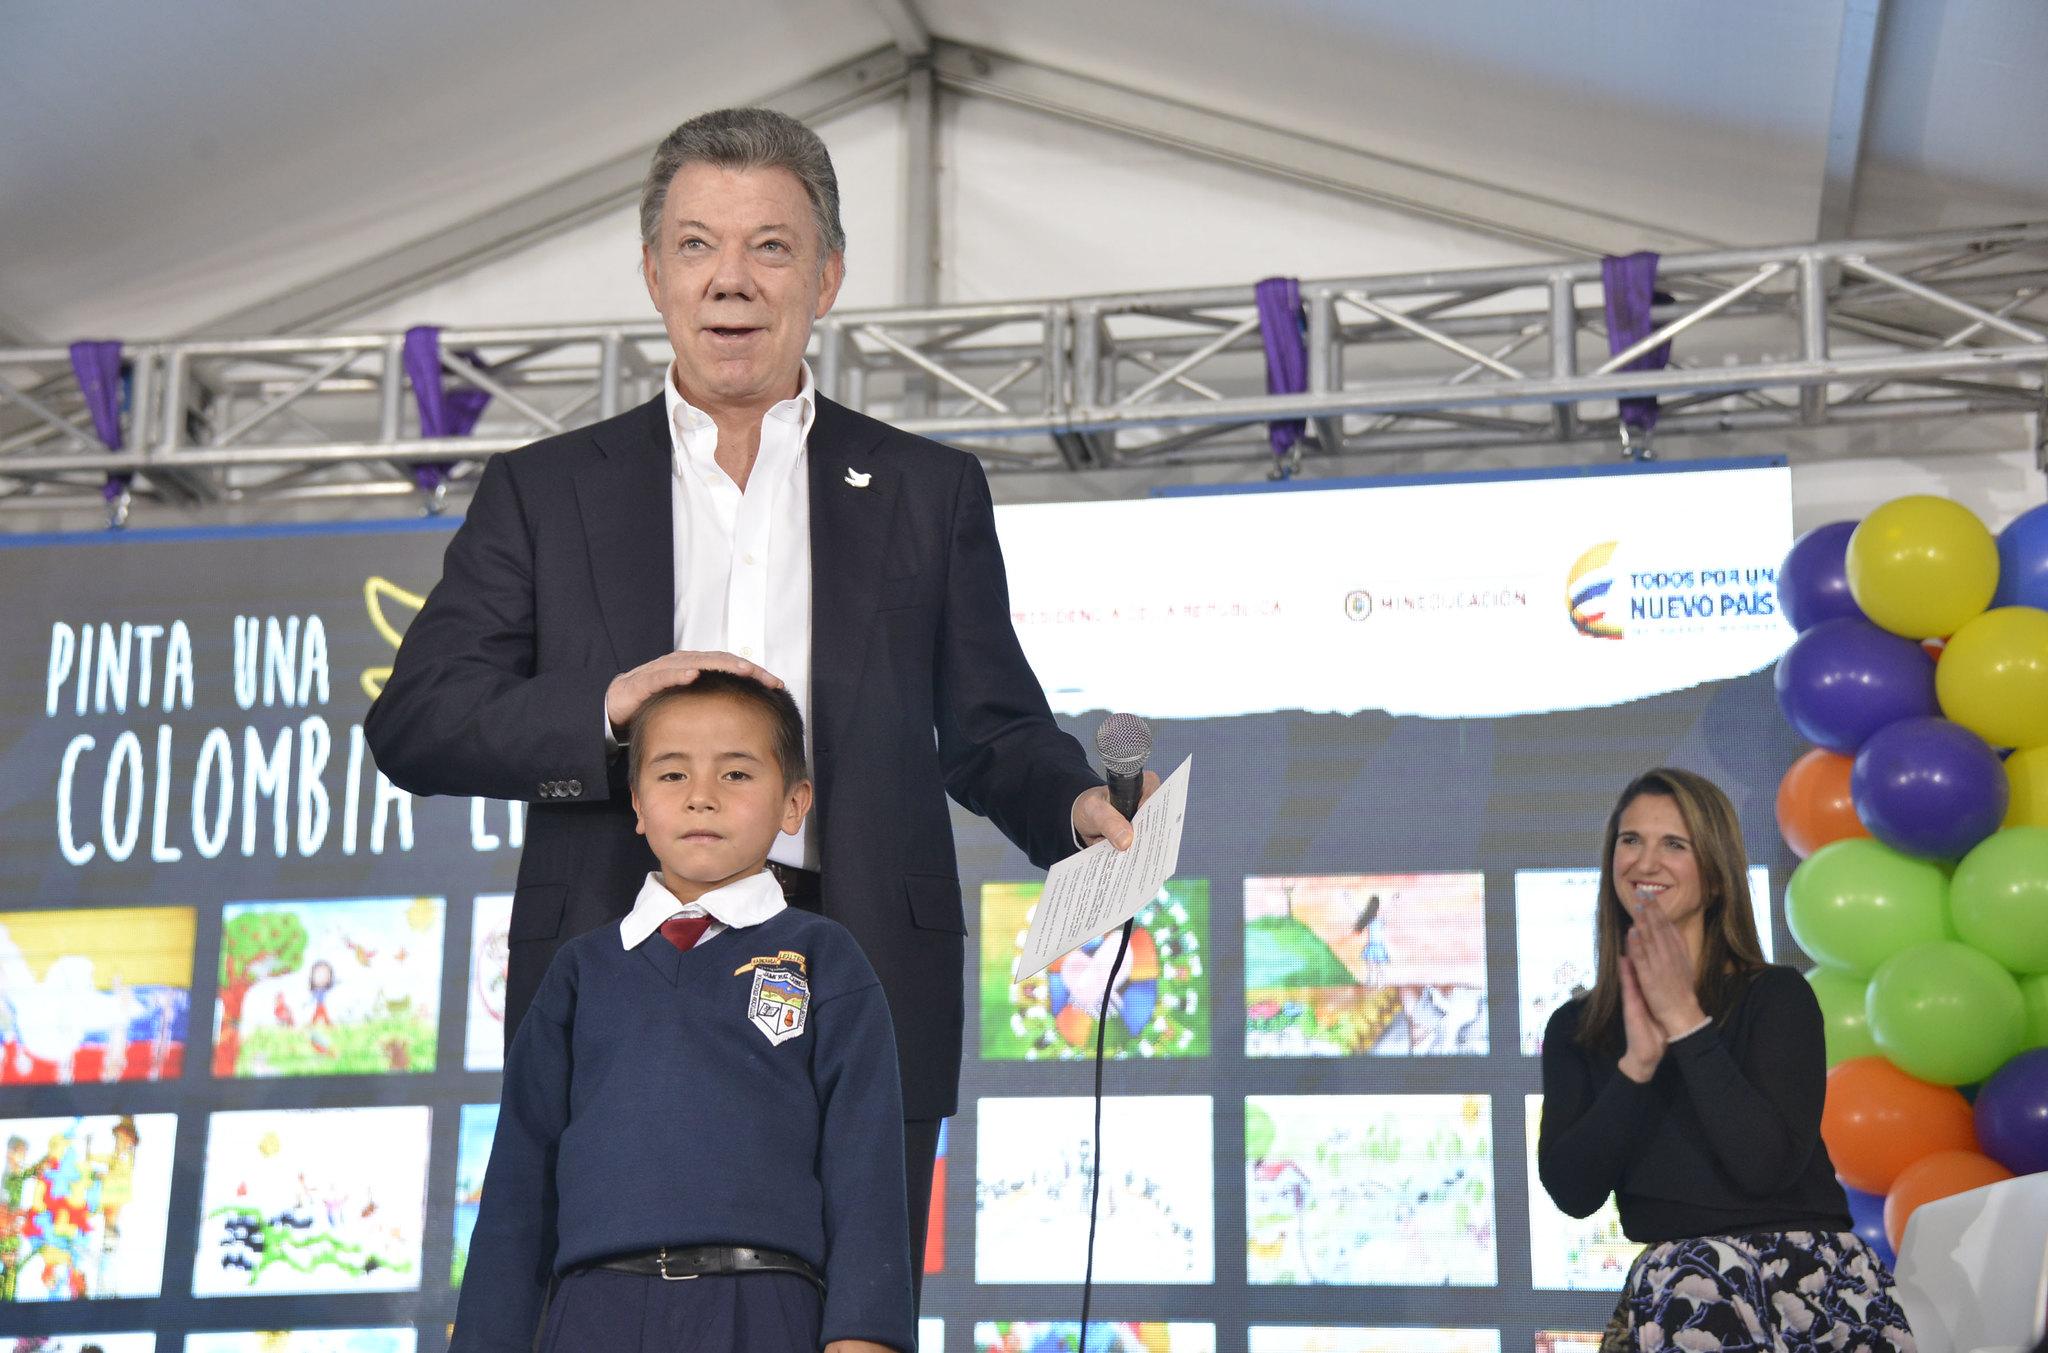 Premiación Concurso Pinta una Colombia en Paz